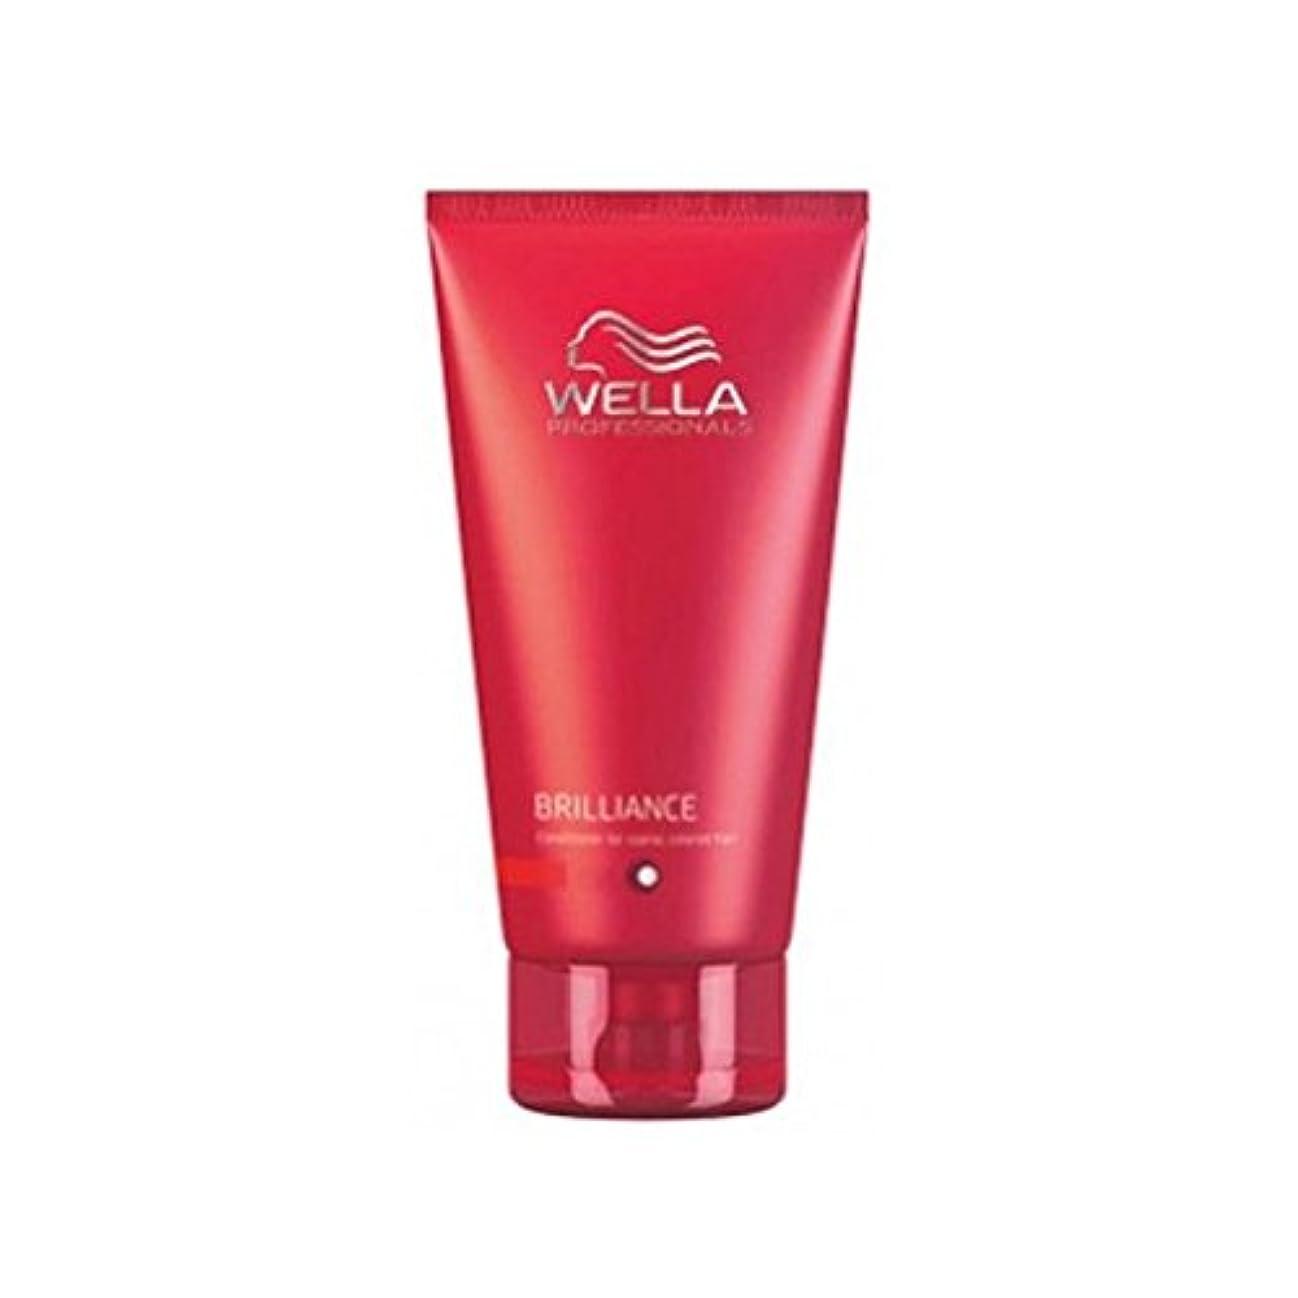 コピー起点蚊Wella Professionals Brilliance Conditioner For Fine To Normal, Coloured Hair (200ml) - ウェラの専門家が通常に細かいためのコンディショナーを輝き、色の髪(200ミリリットル) [並行輸入品]